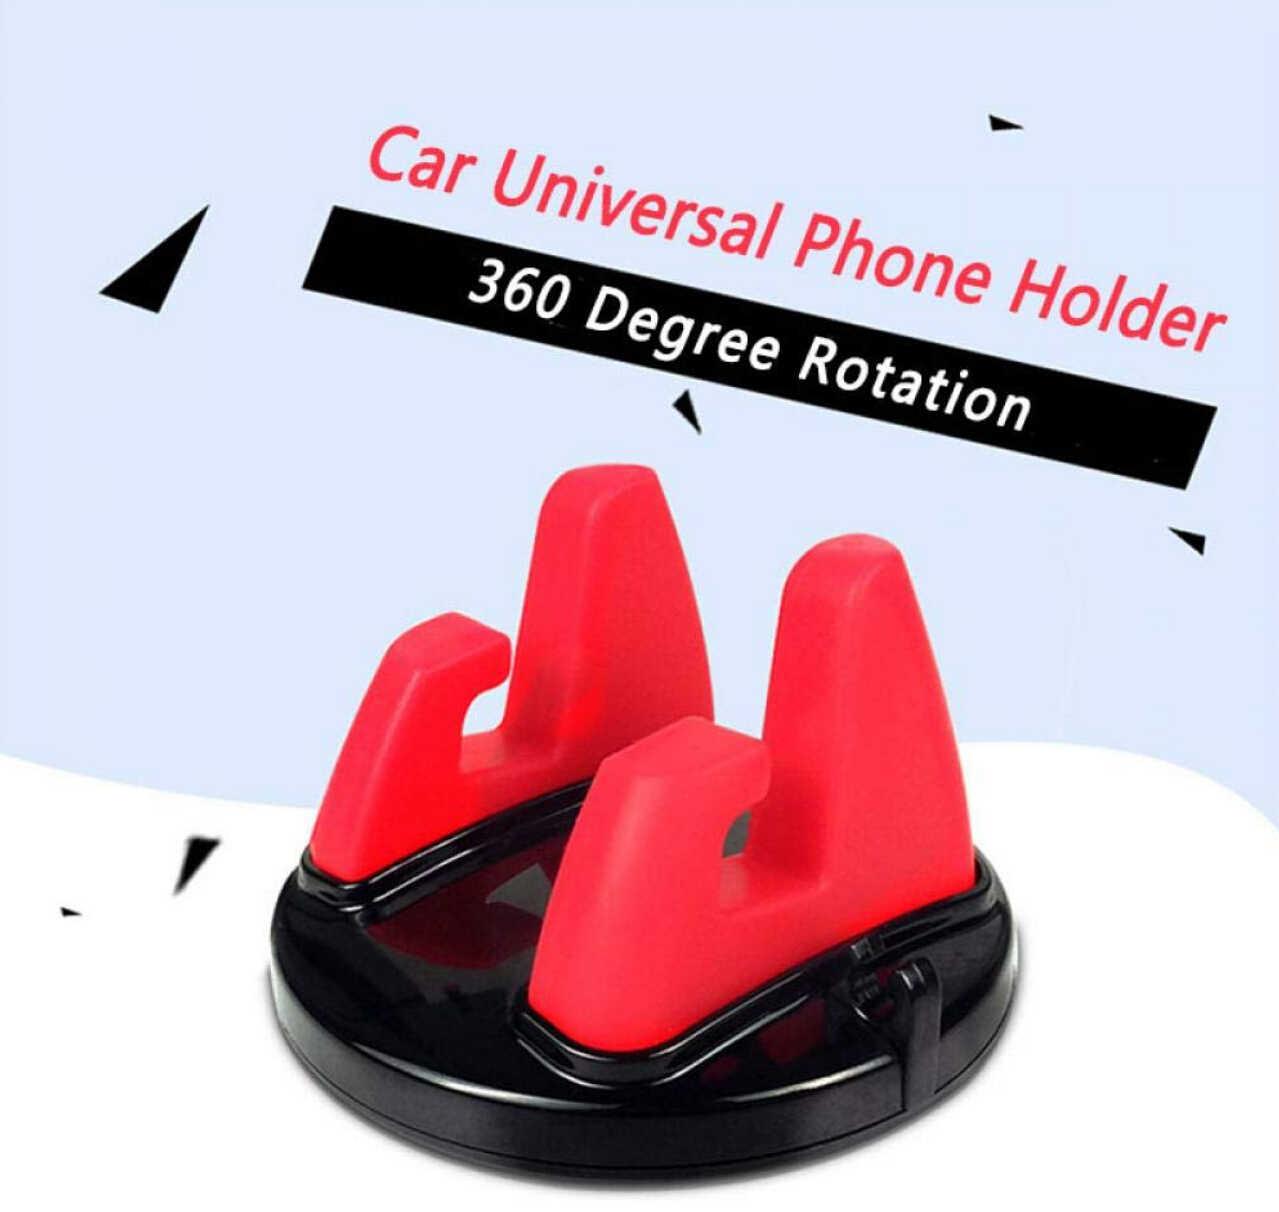 Автомобильный орнамент универсальный держатель телефона для mazda CX-5 2018 golf 7 gti seat ibiza fr mazda CX-5 2017 2018 focus 3